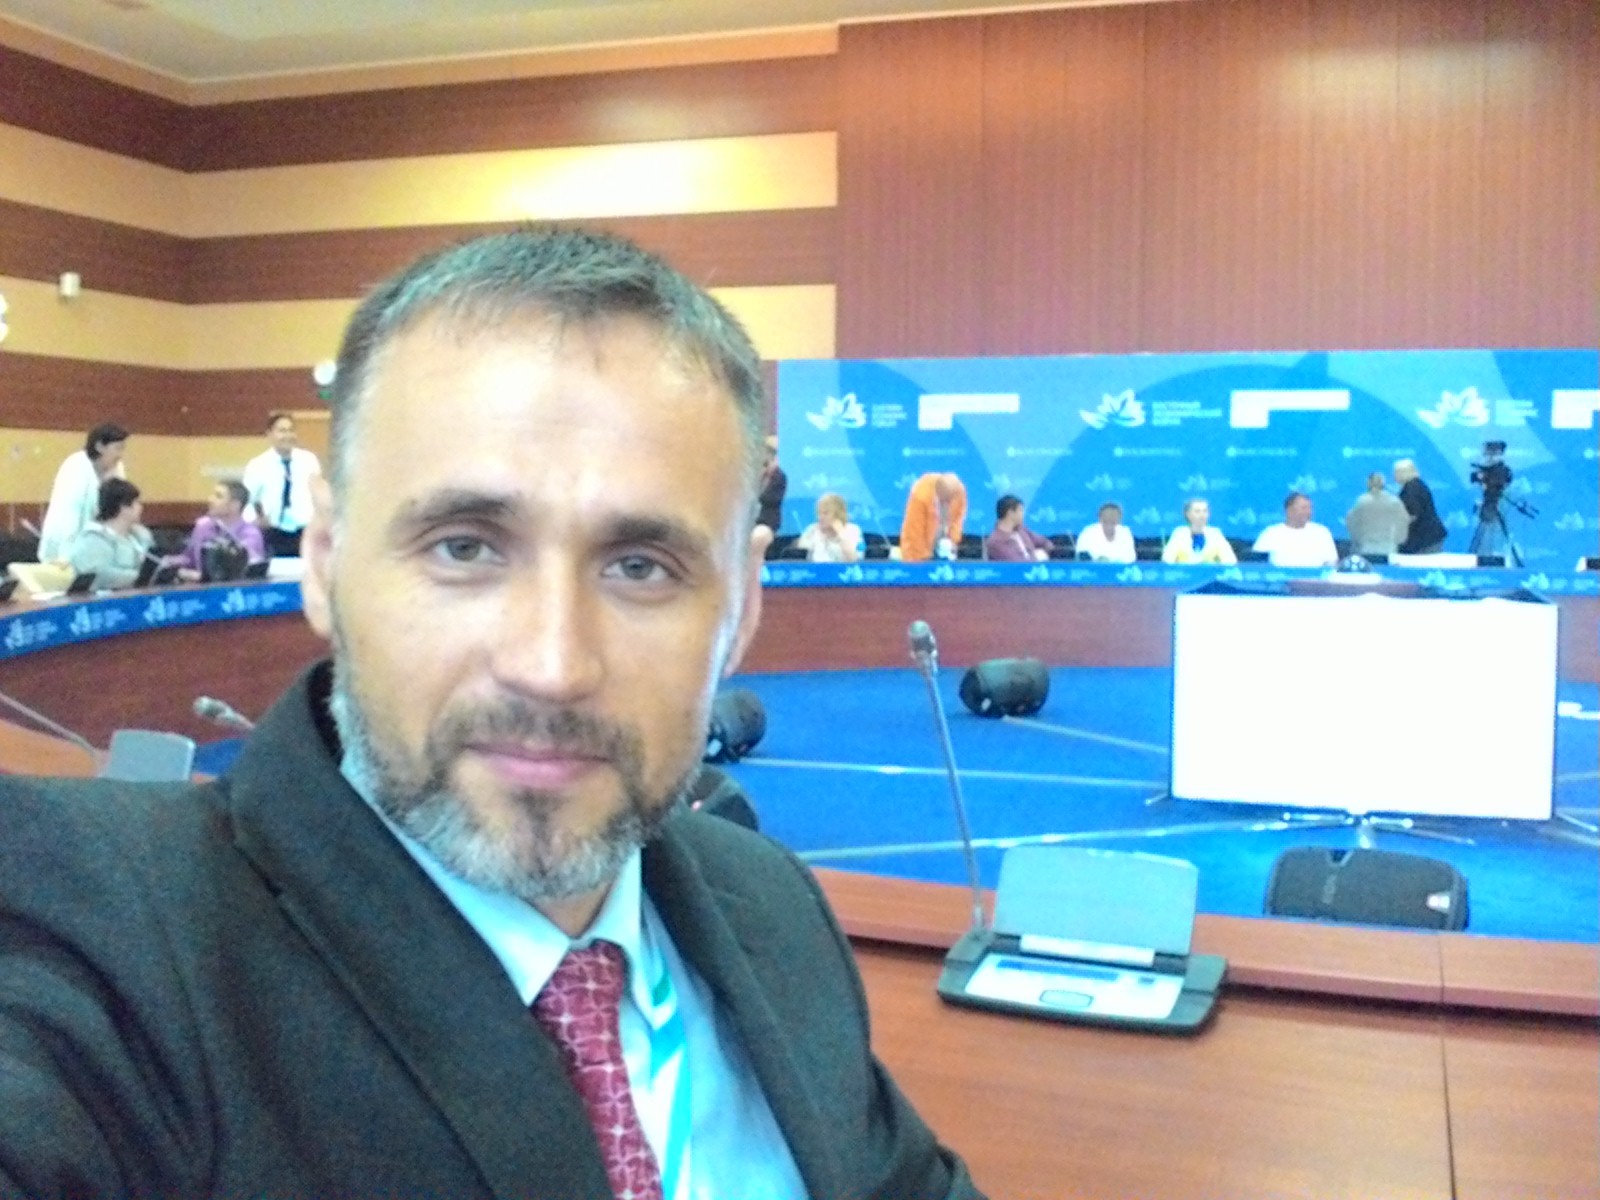 Журавлёв Александр Александрович, на общественном совете, Восточный экономический форум 2016